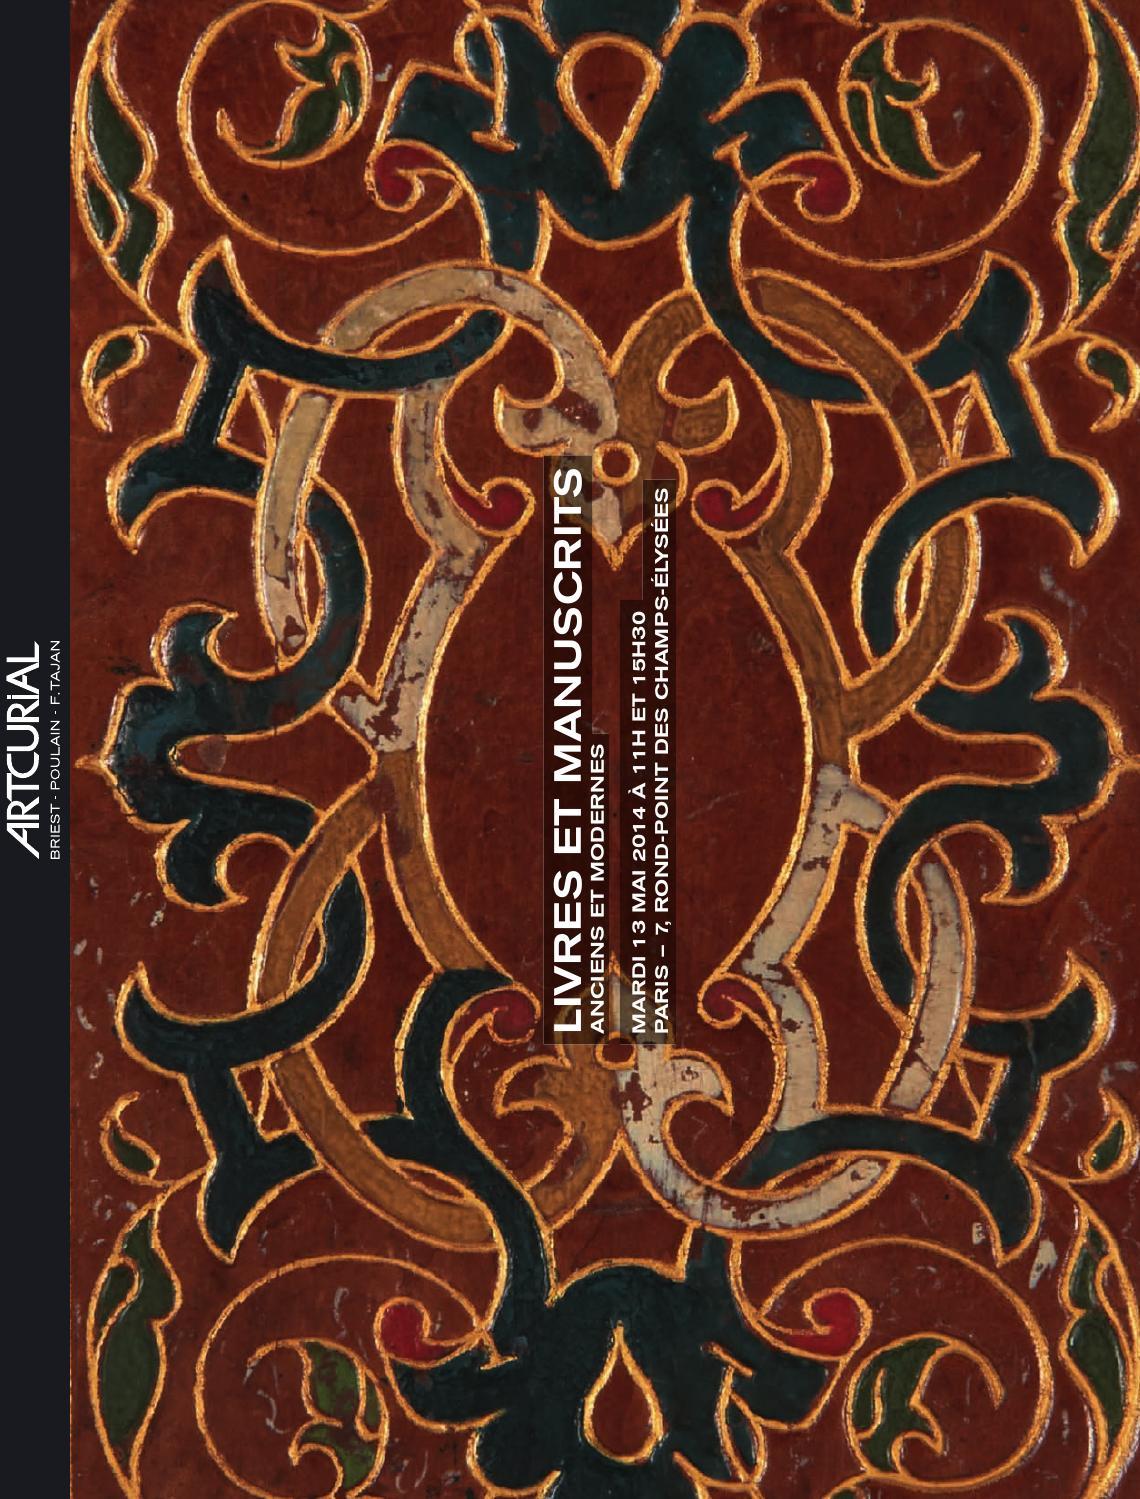 Livres et Manuscrits anciens   modernes — Bibliothèque Fougères by  Artcurial - issuu 382f0749c554